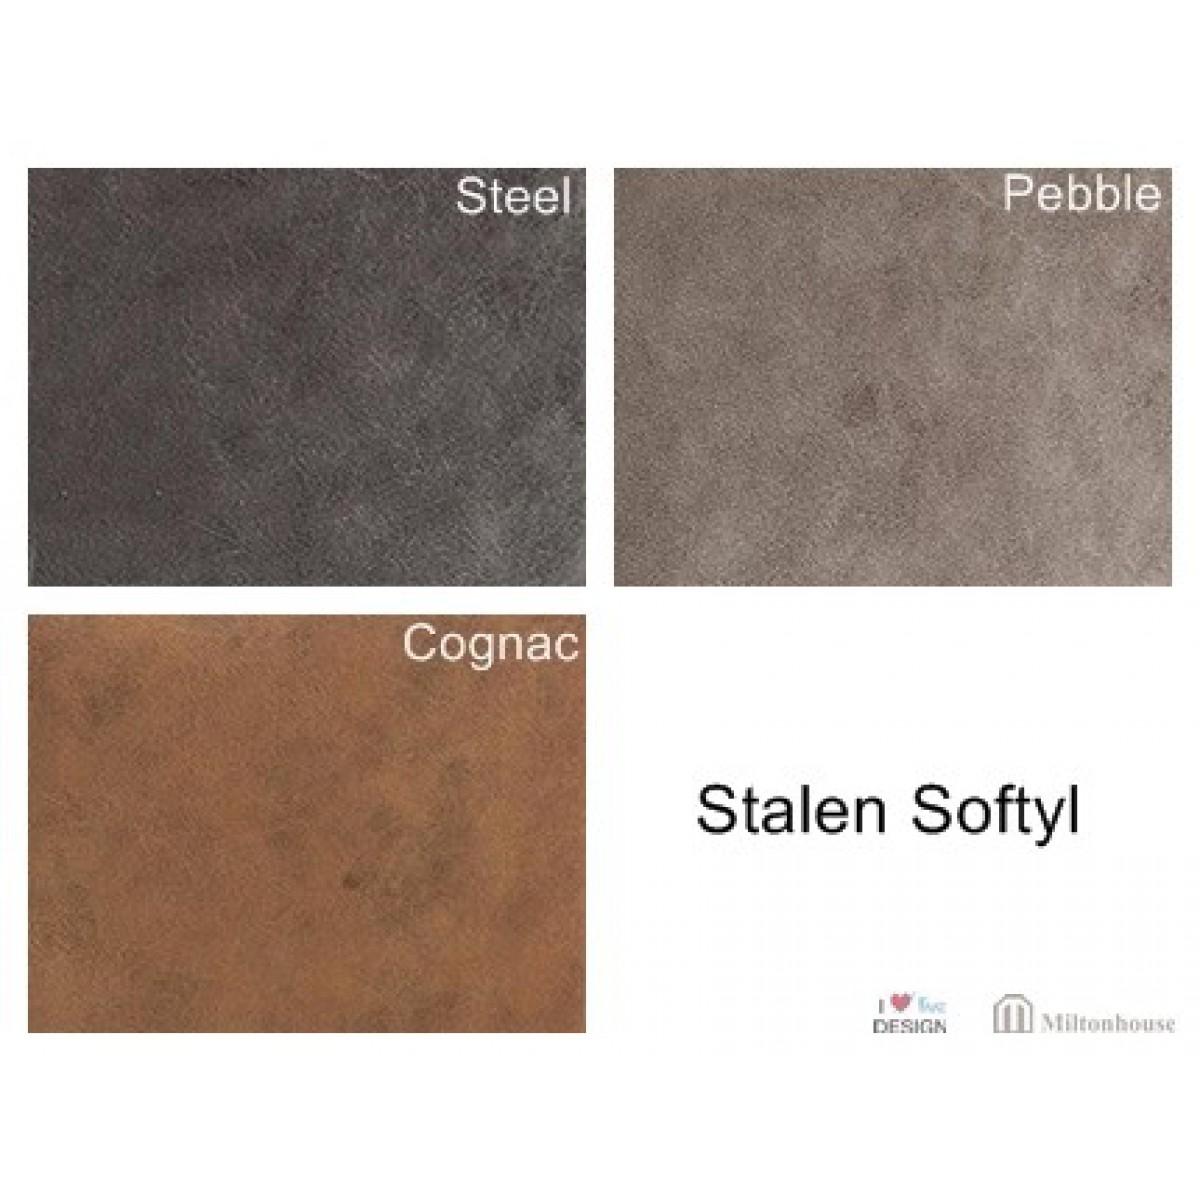 stofstalen-softyl-cognac-steel-pebble